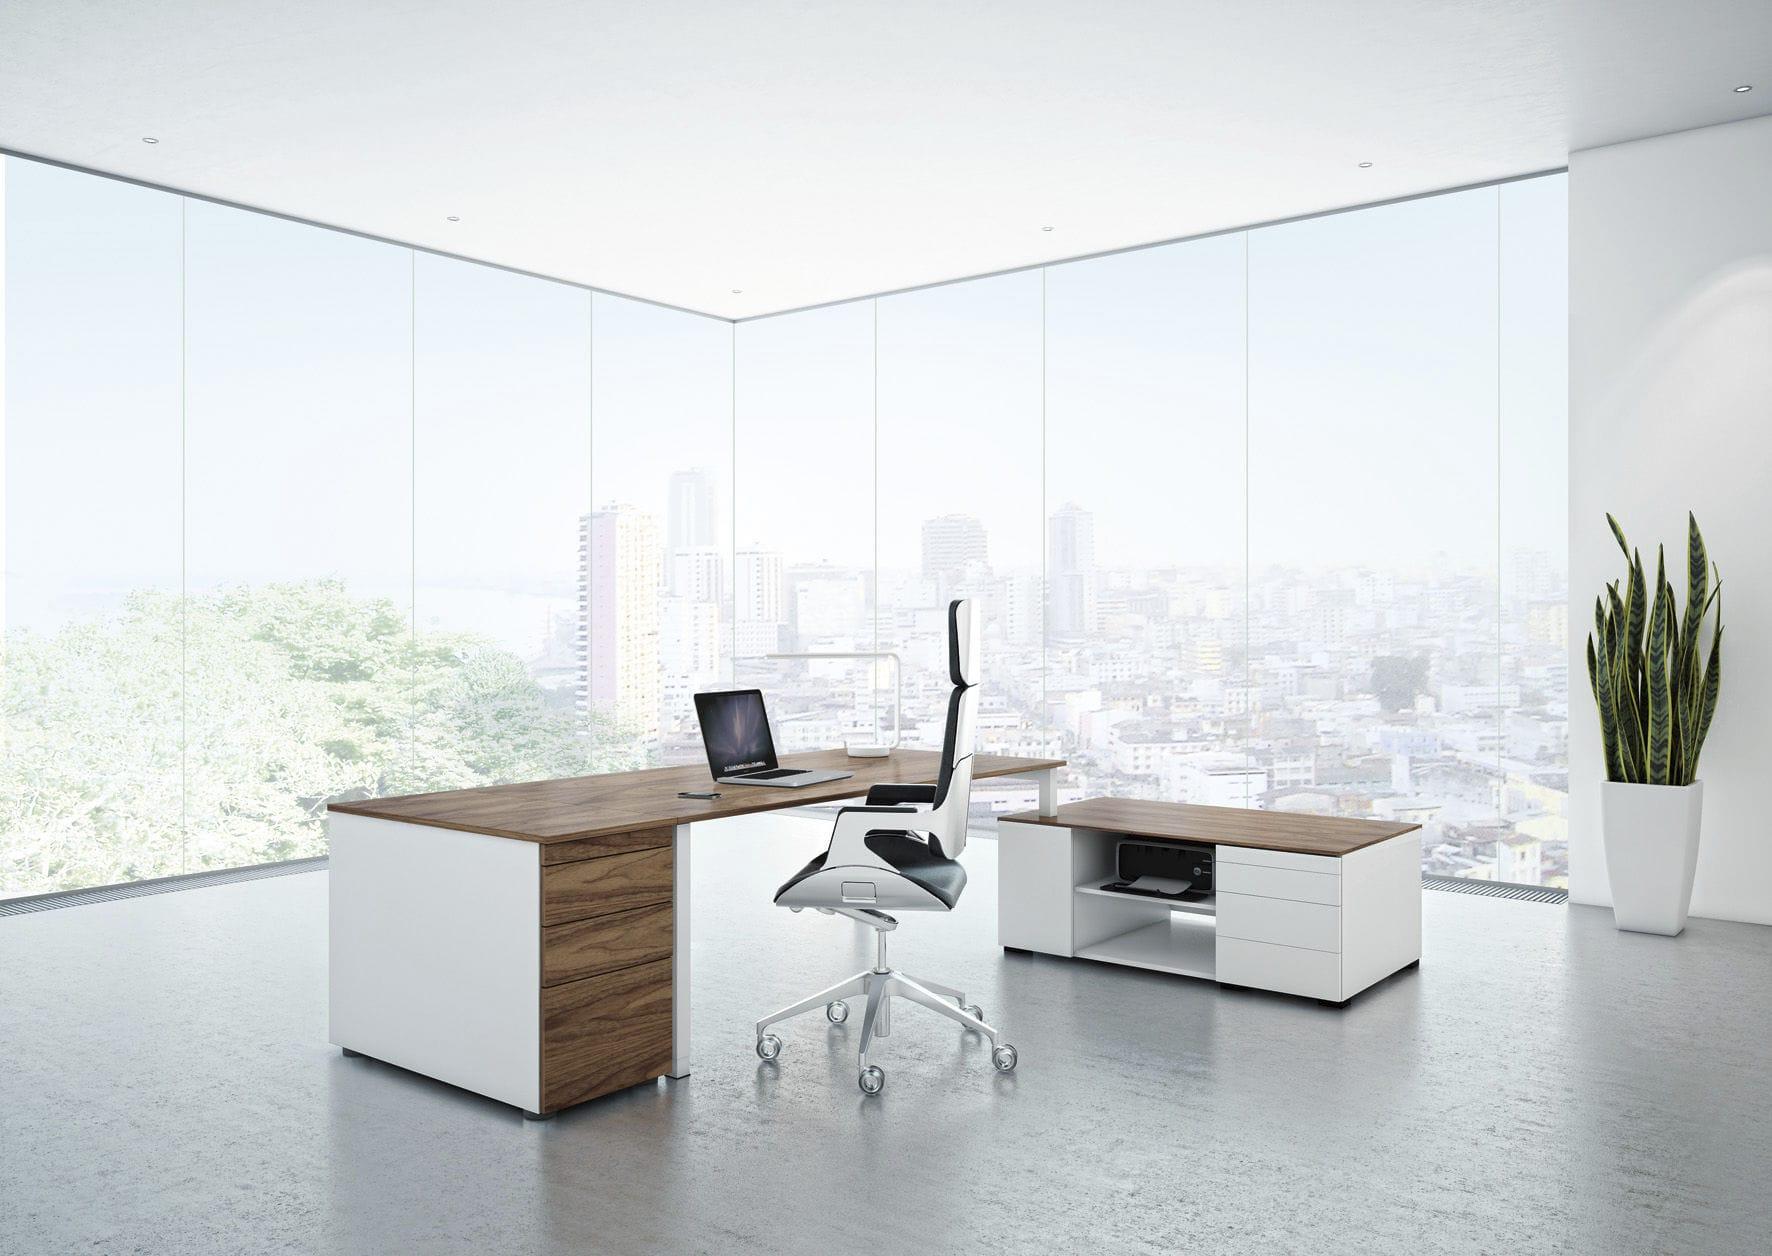 Büromöbel Modern | saigonford.info